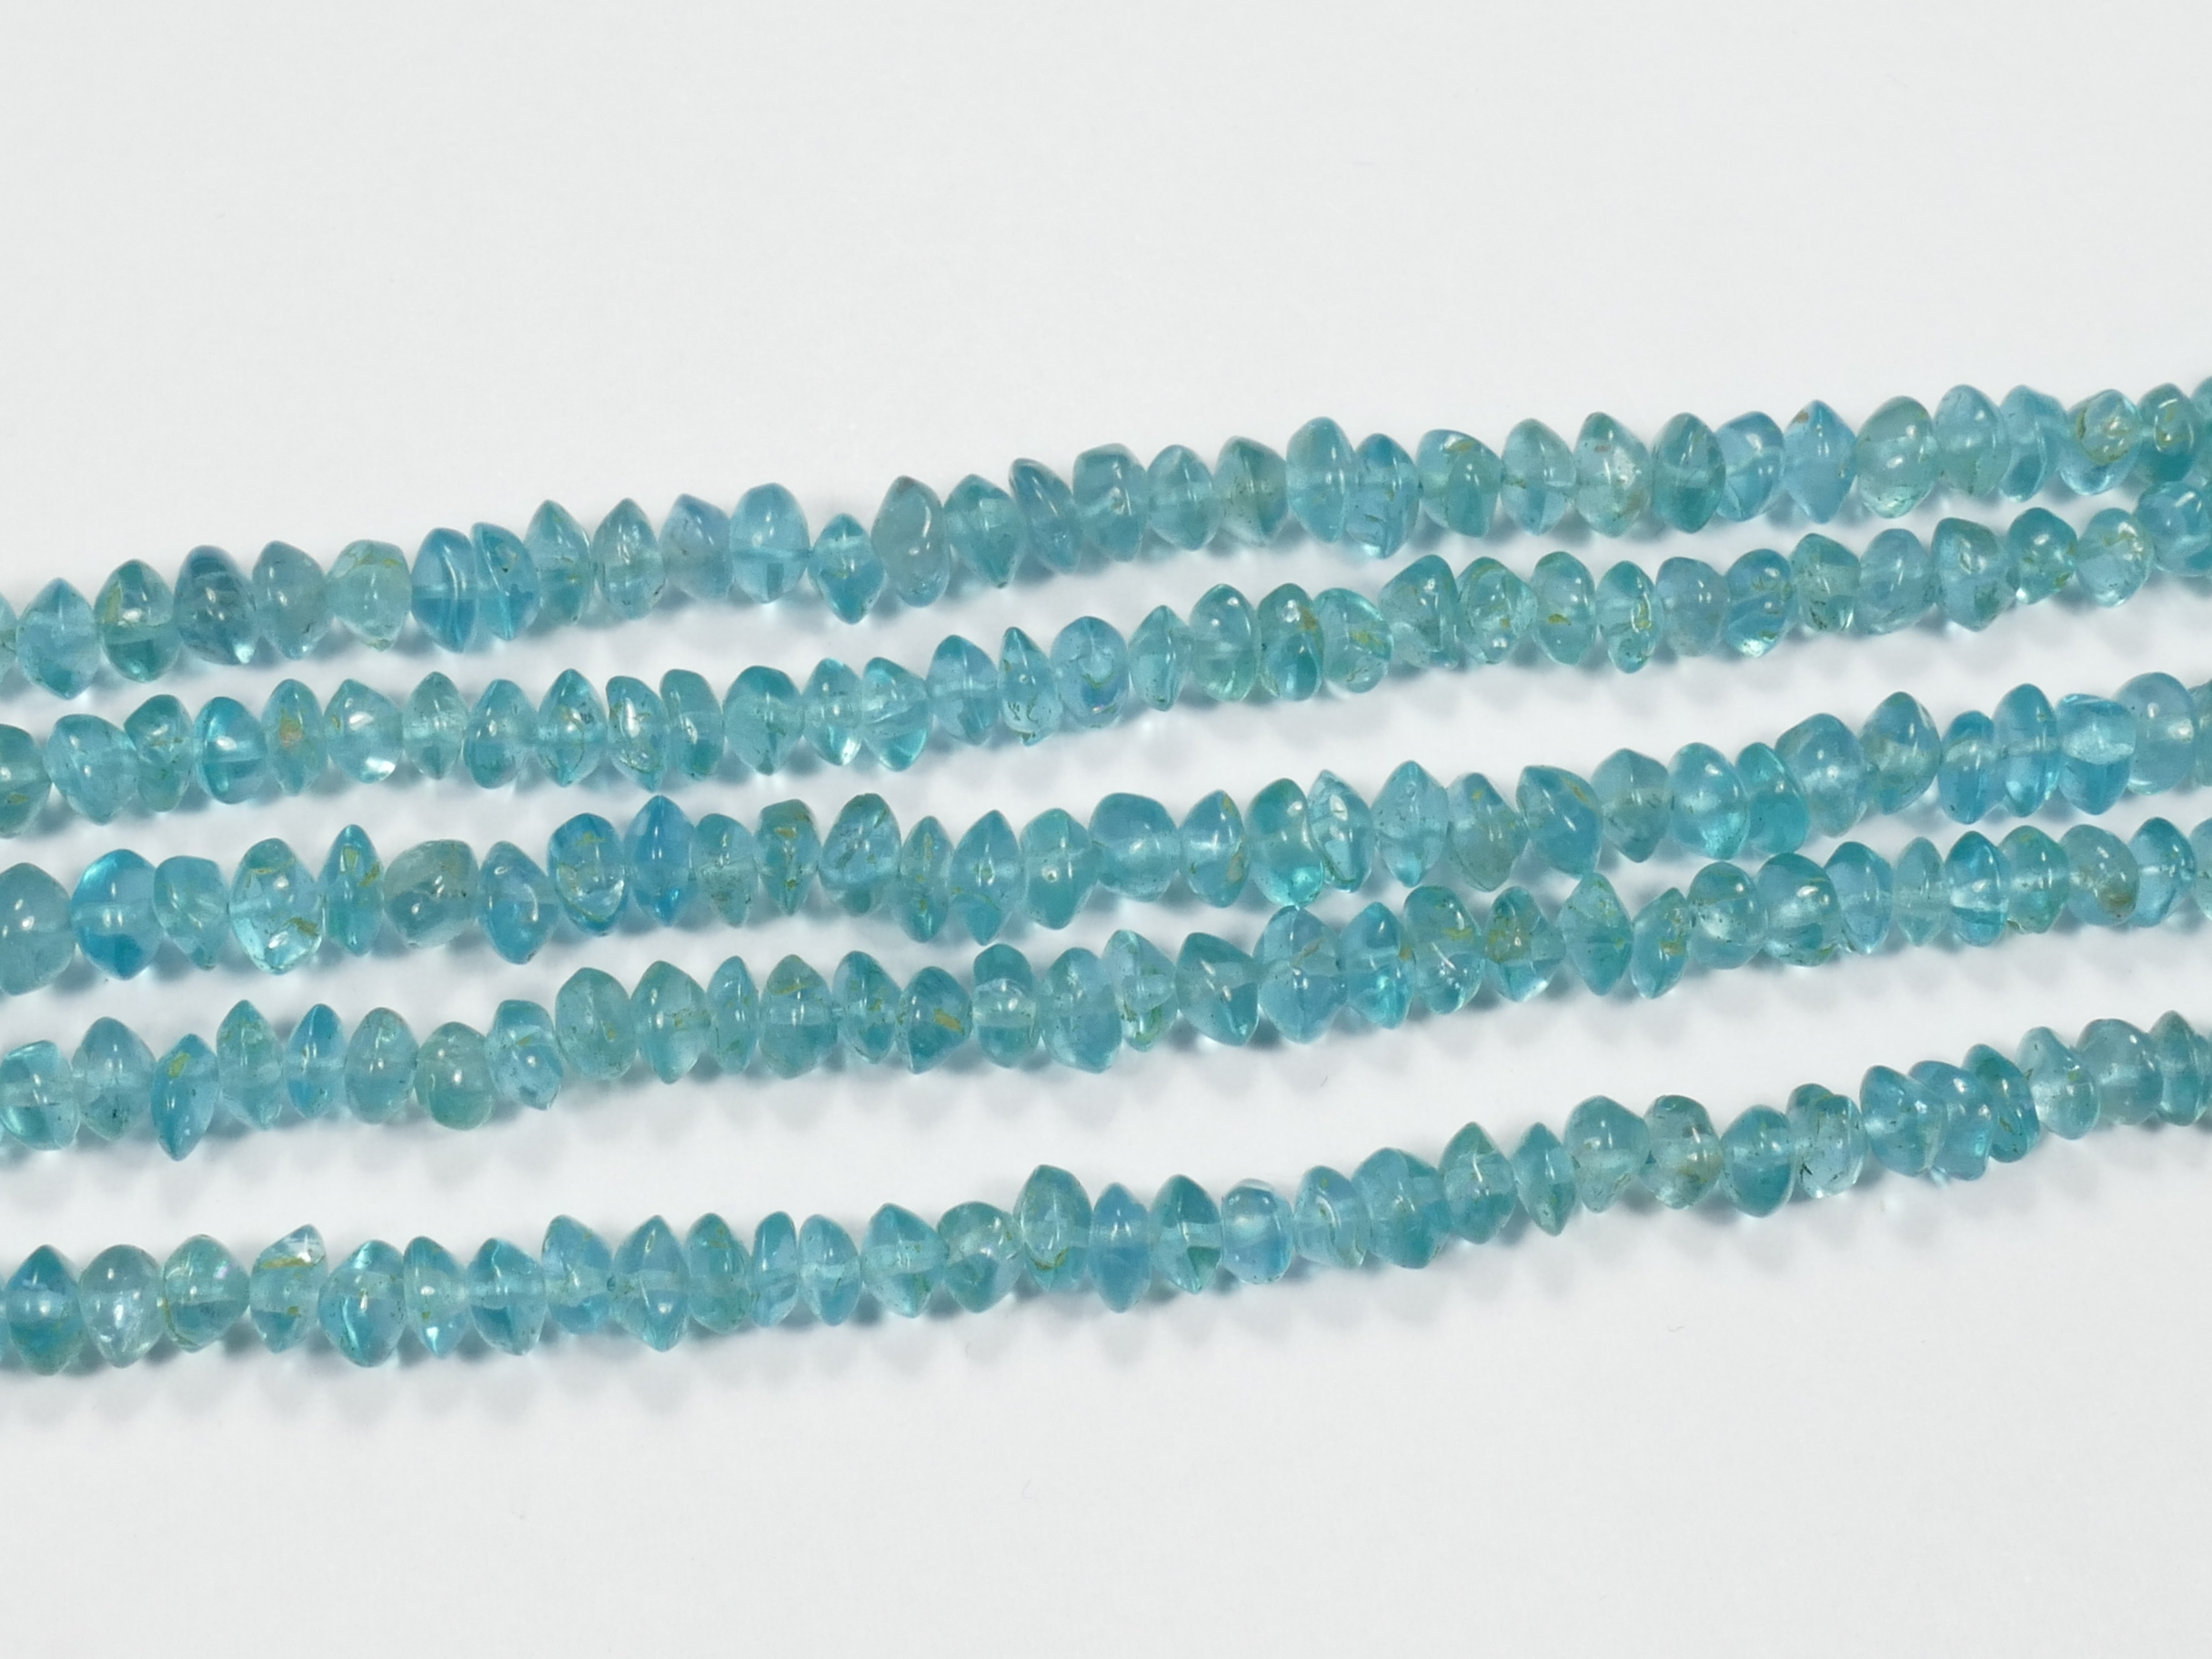 4.4/5.4mm Perles d\'Apatite bleu ciel naturel en rondelle lisse irrégulière x16cm (6.2inch) (#AC894)